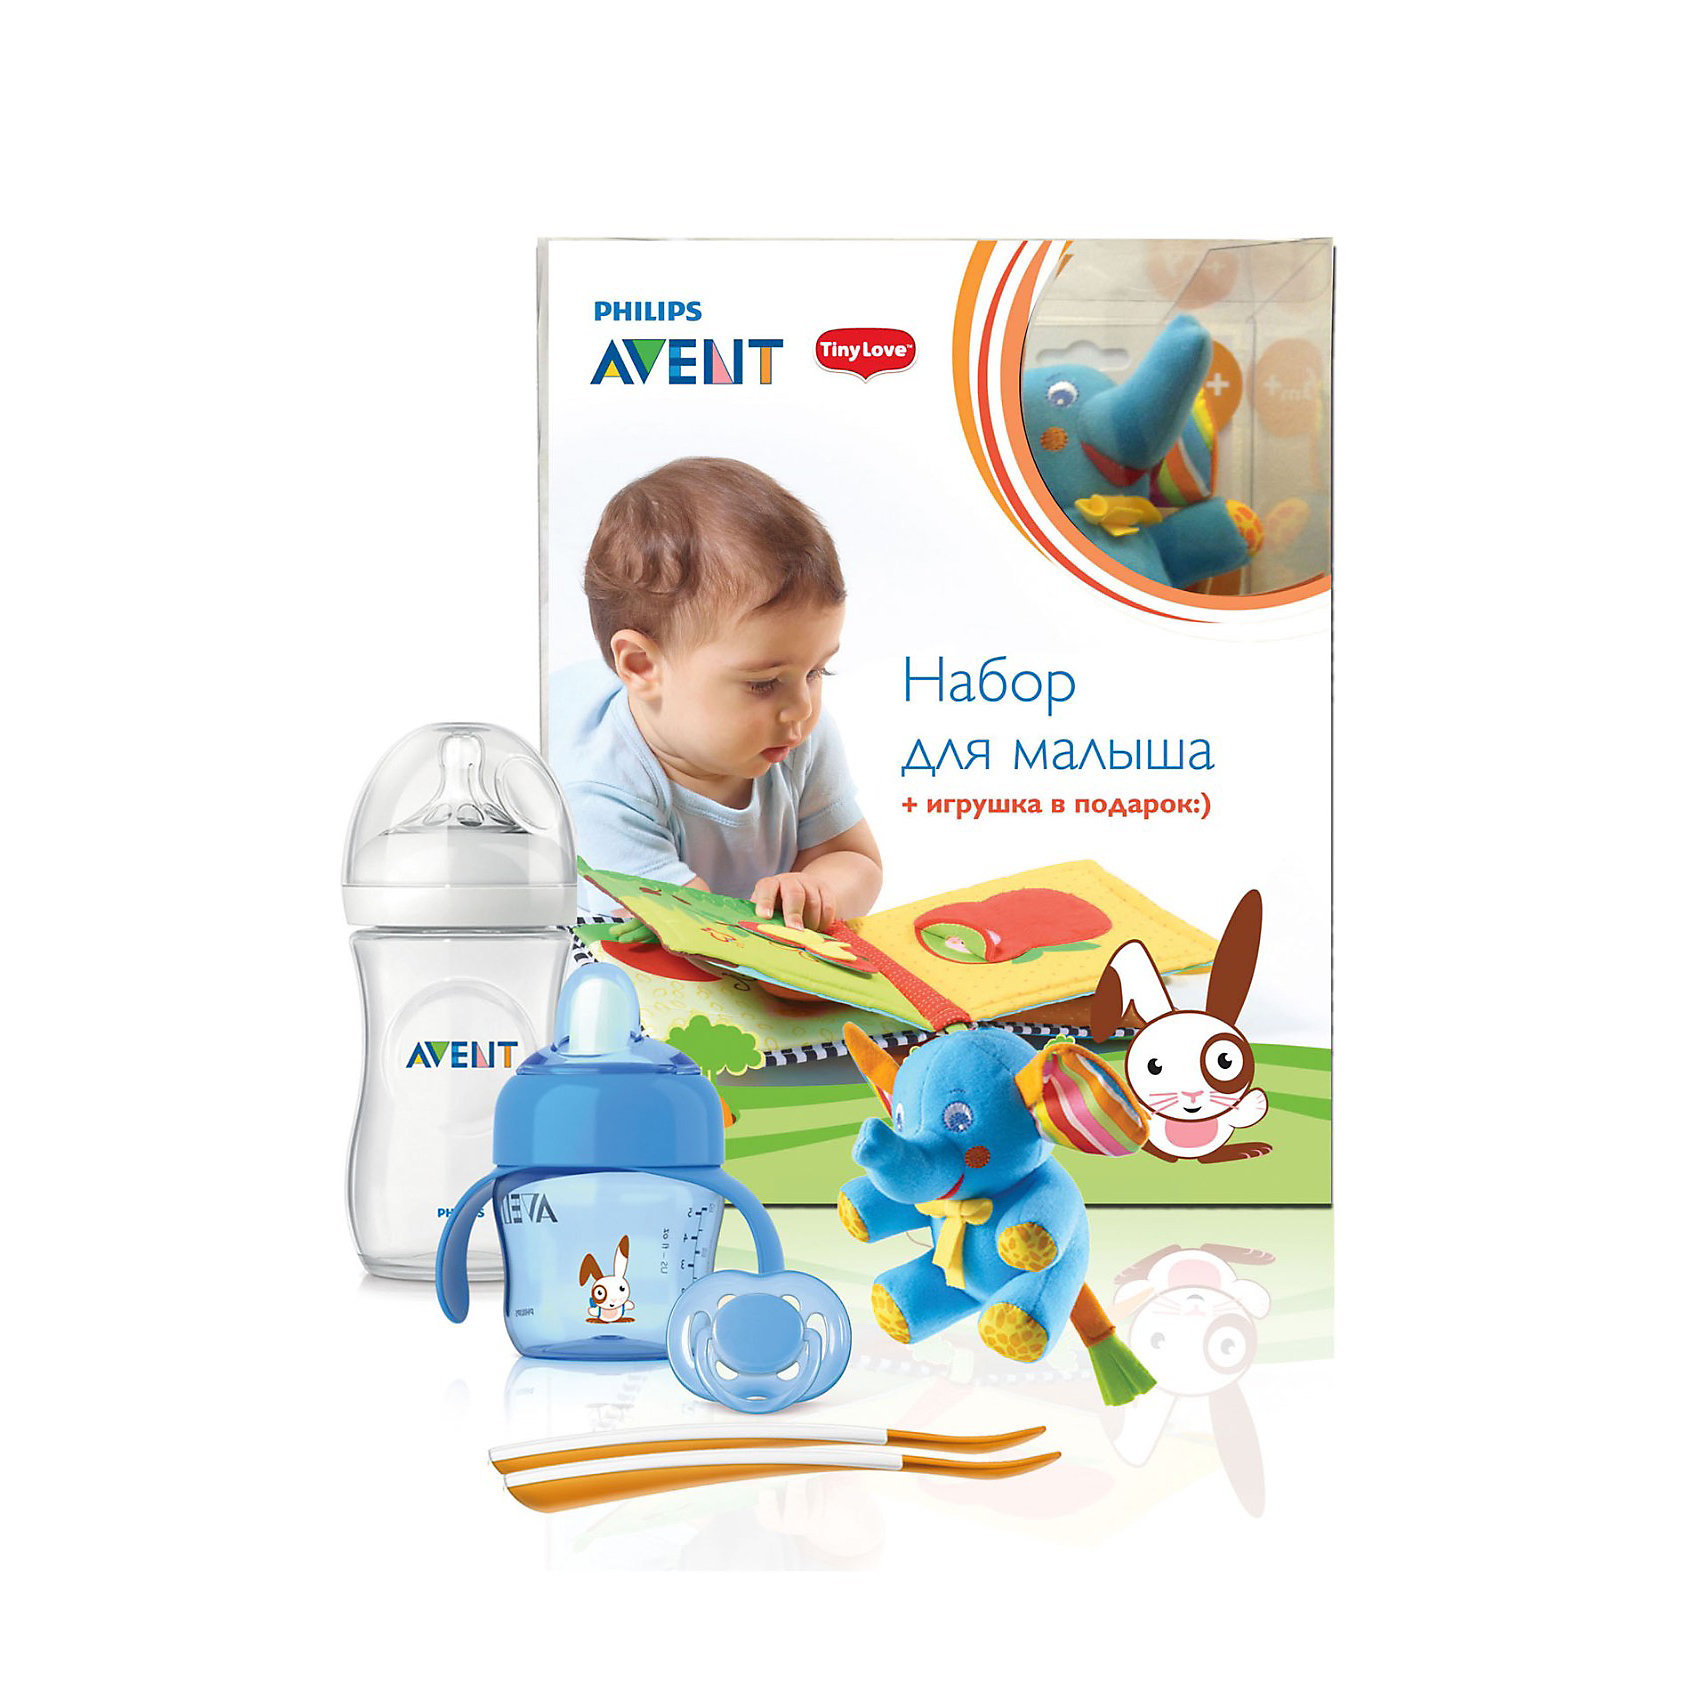 Набор для малыша с игрушкой, AVENT, голубой